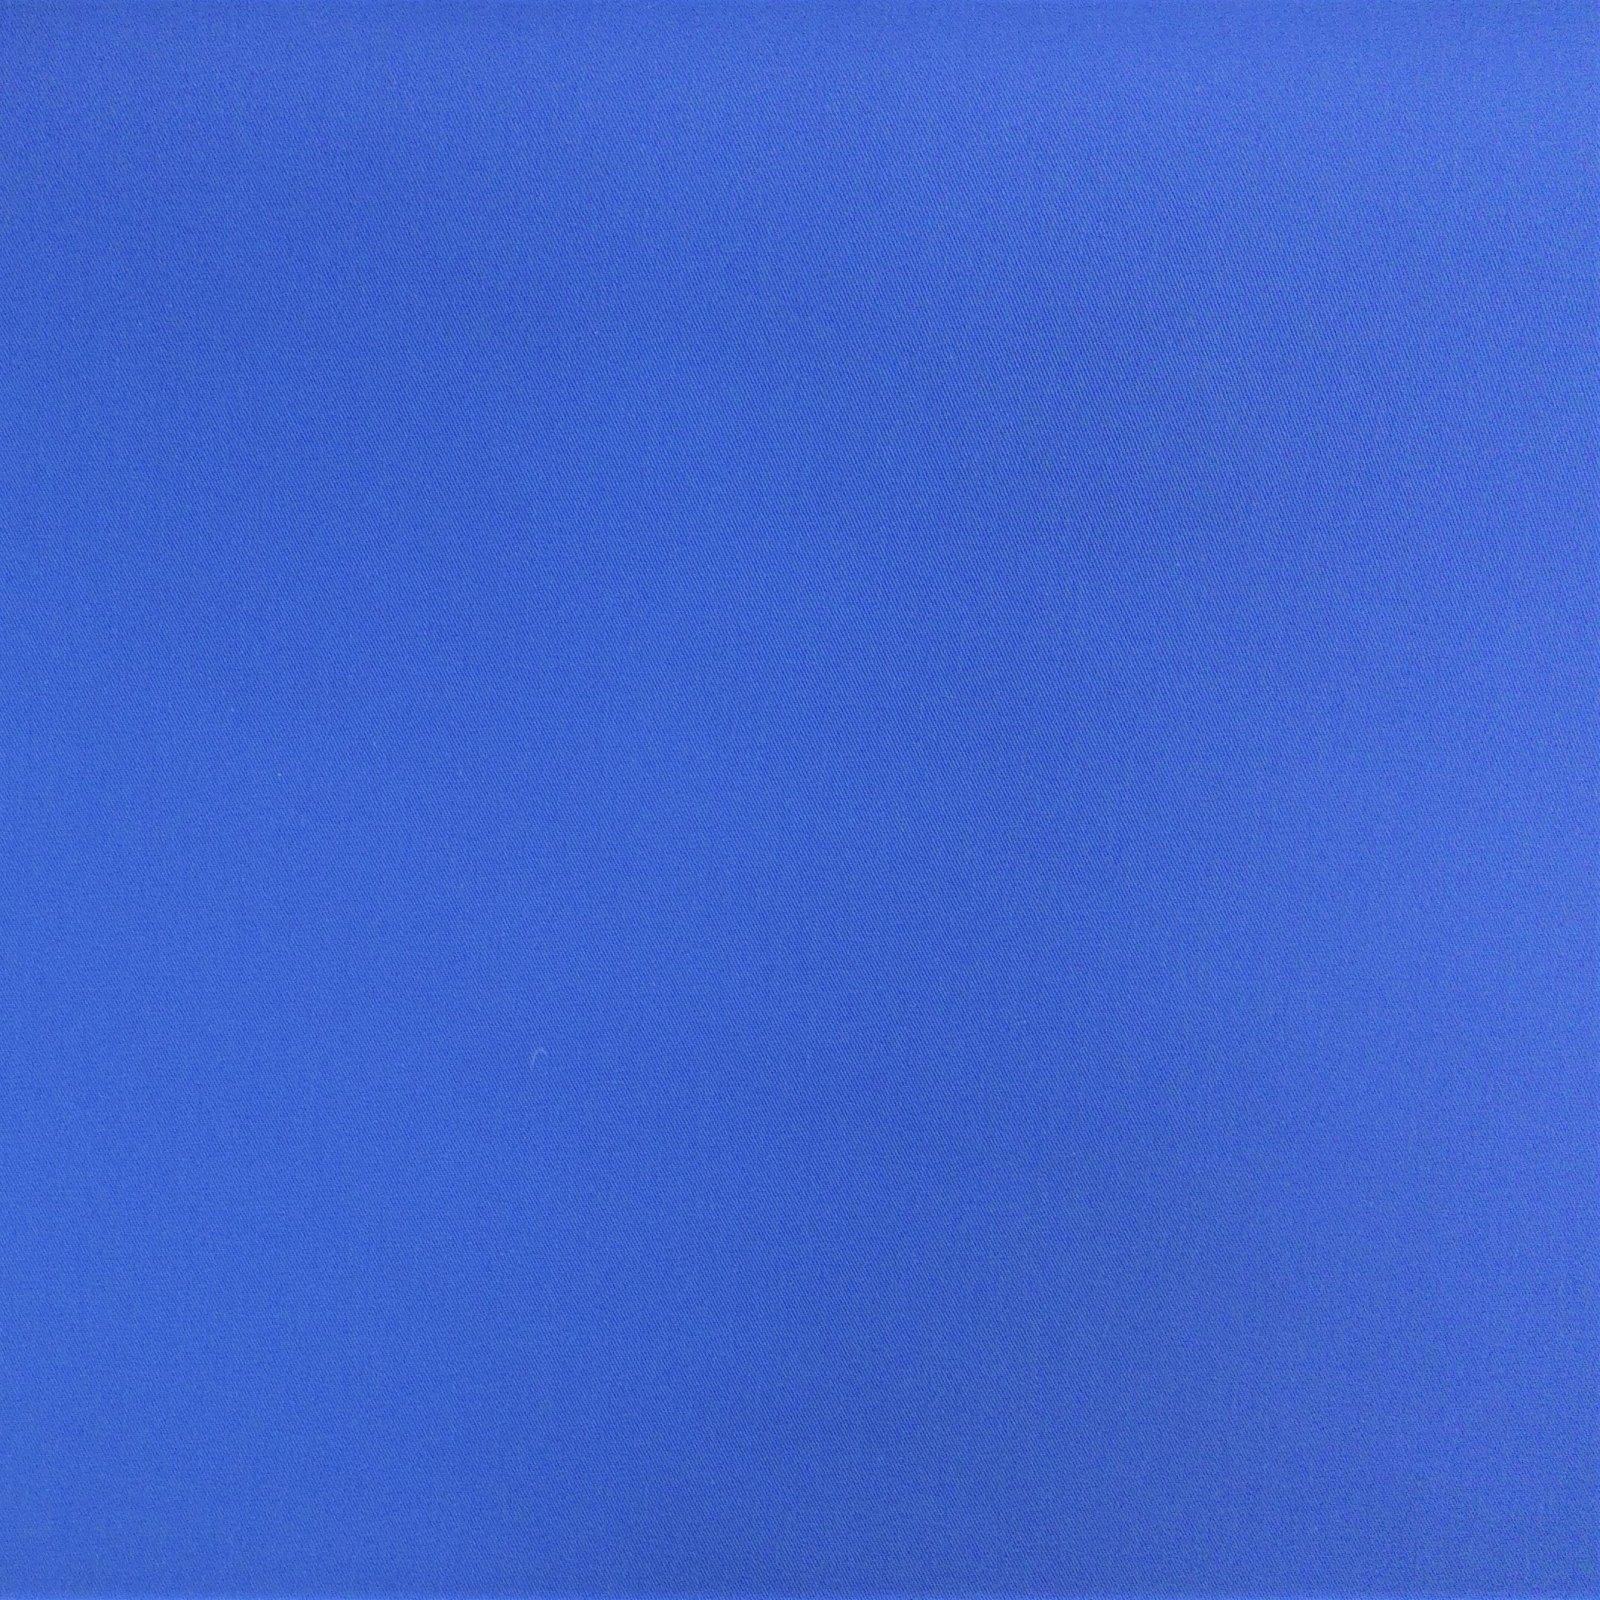 Twilly, Team Blue